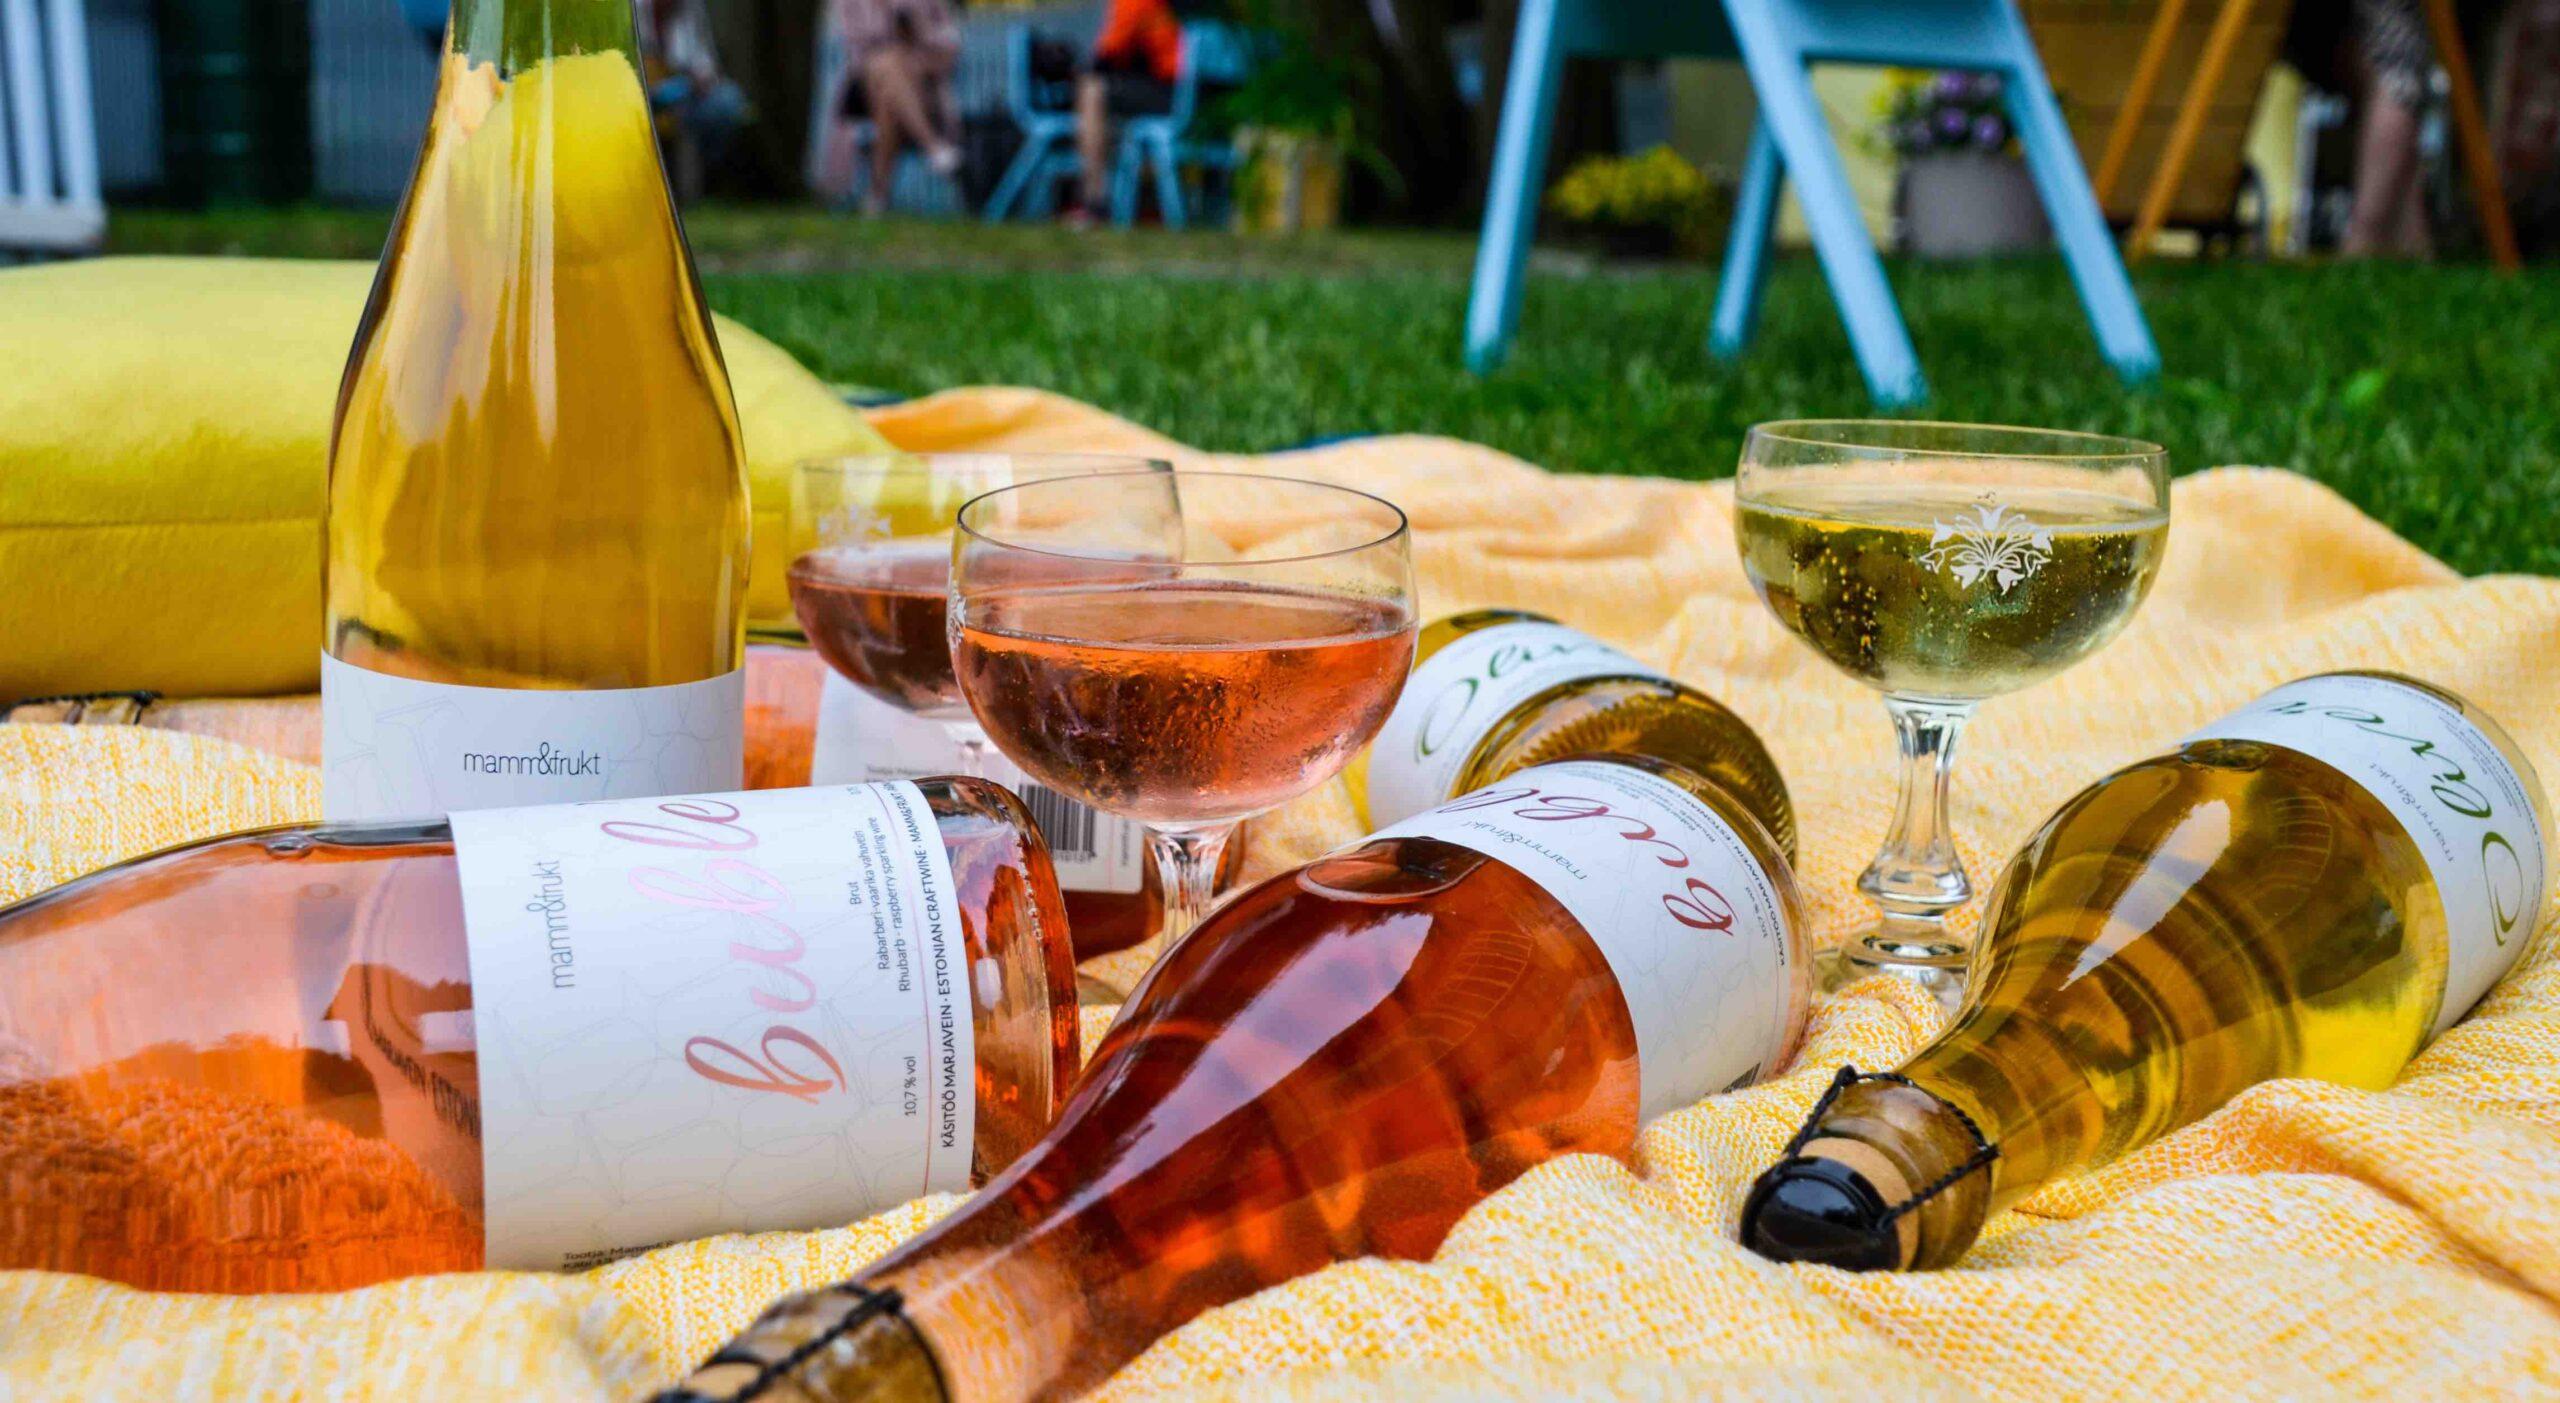 Eesti-vein-Mamm&Frukt-Pärnu-veinimaja-veinituba-ja-veiniaed-veinipiknik